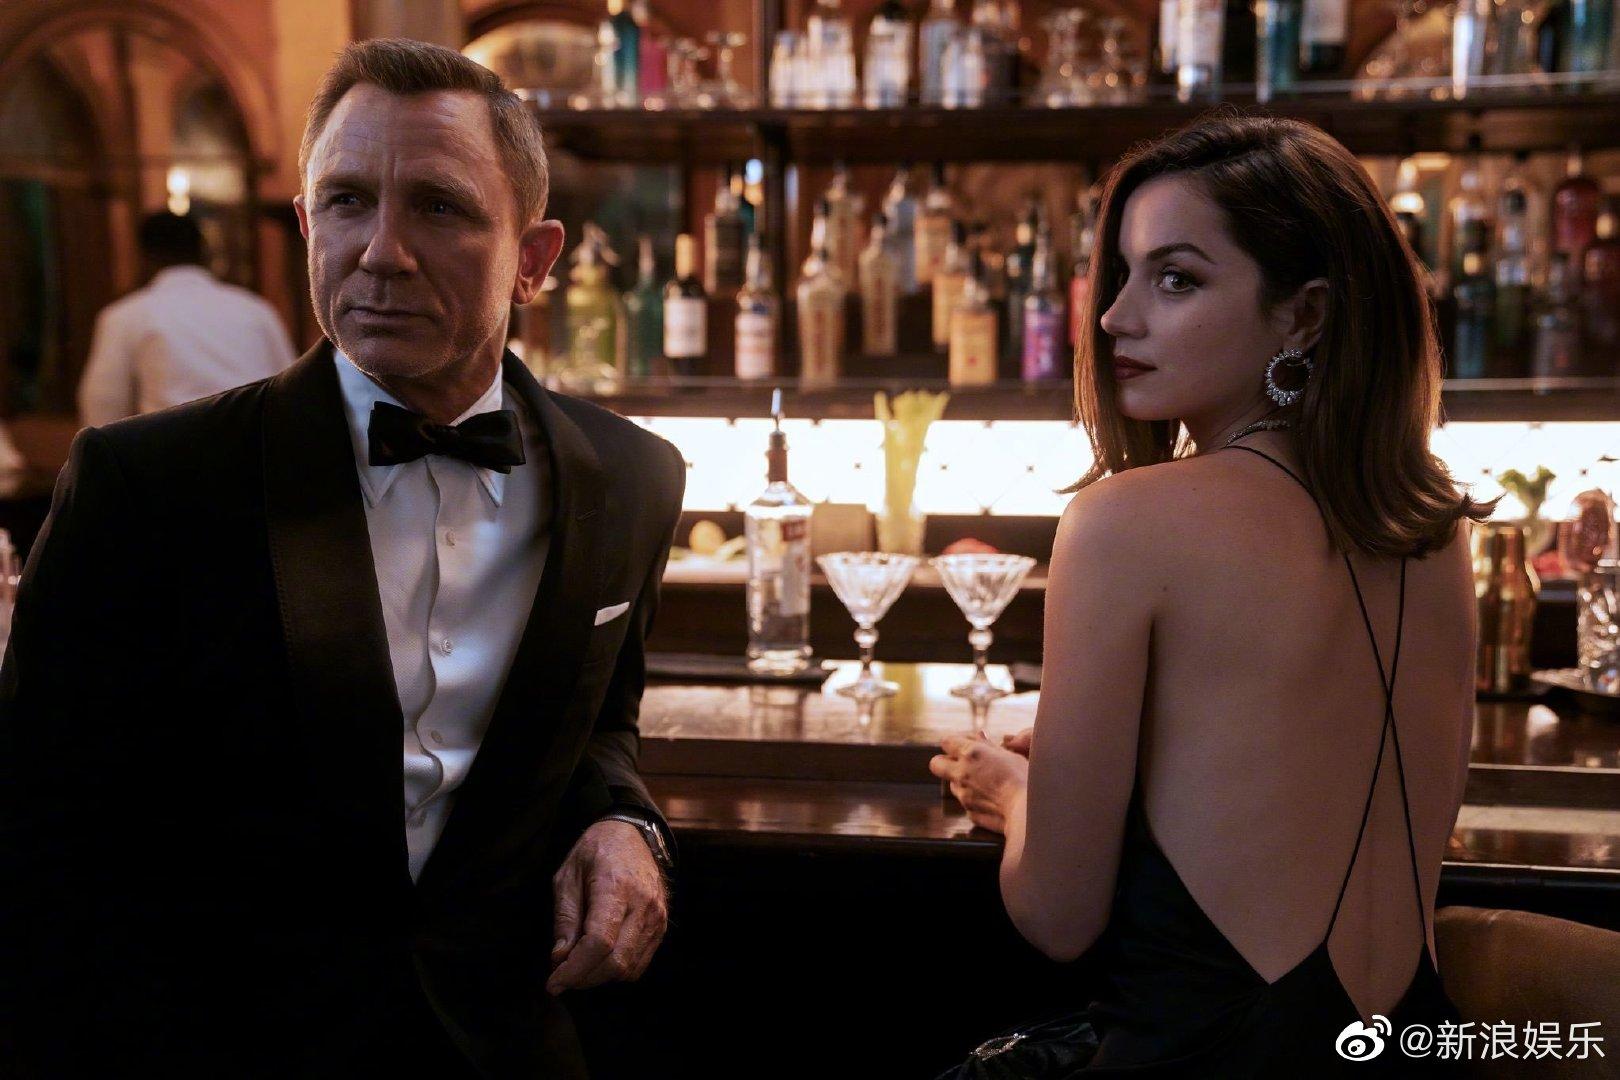 007:无暇赴死-百度云网盘高清资源